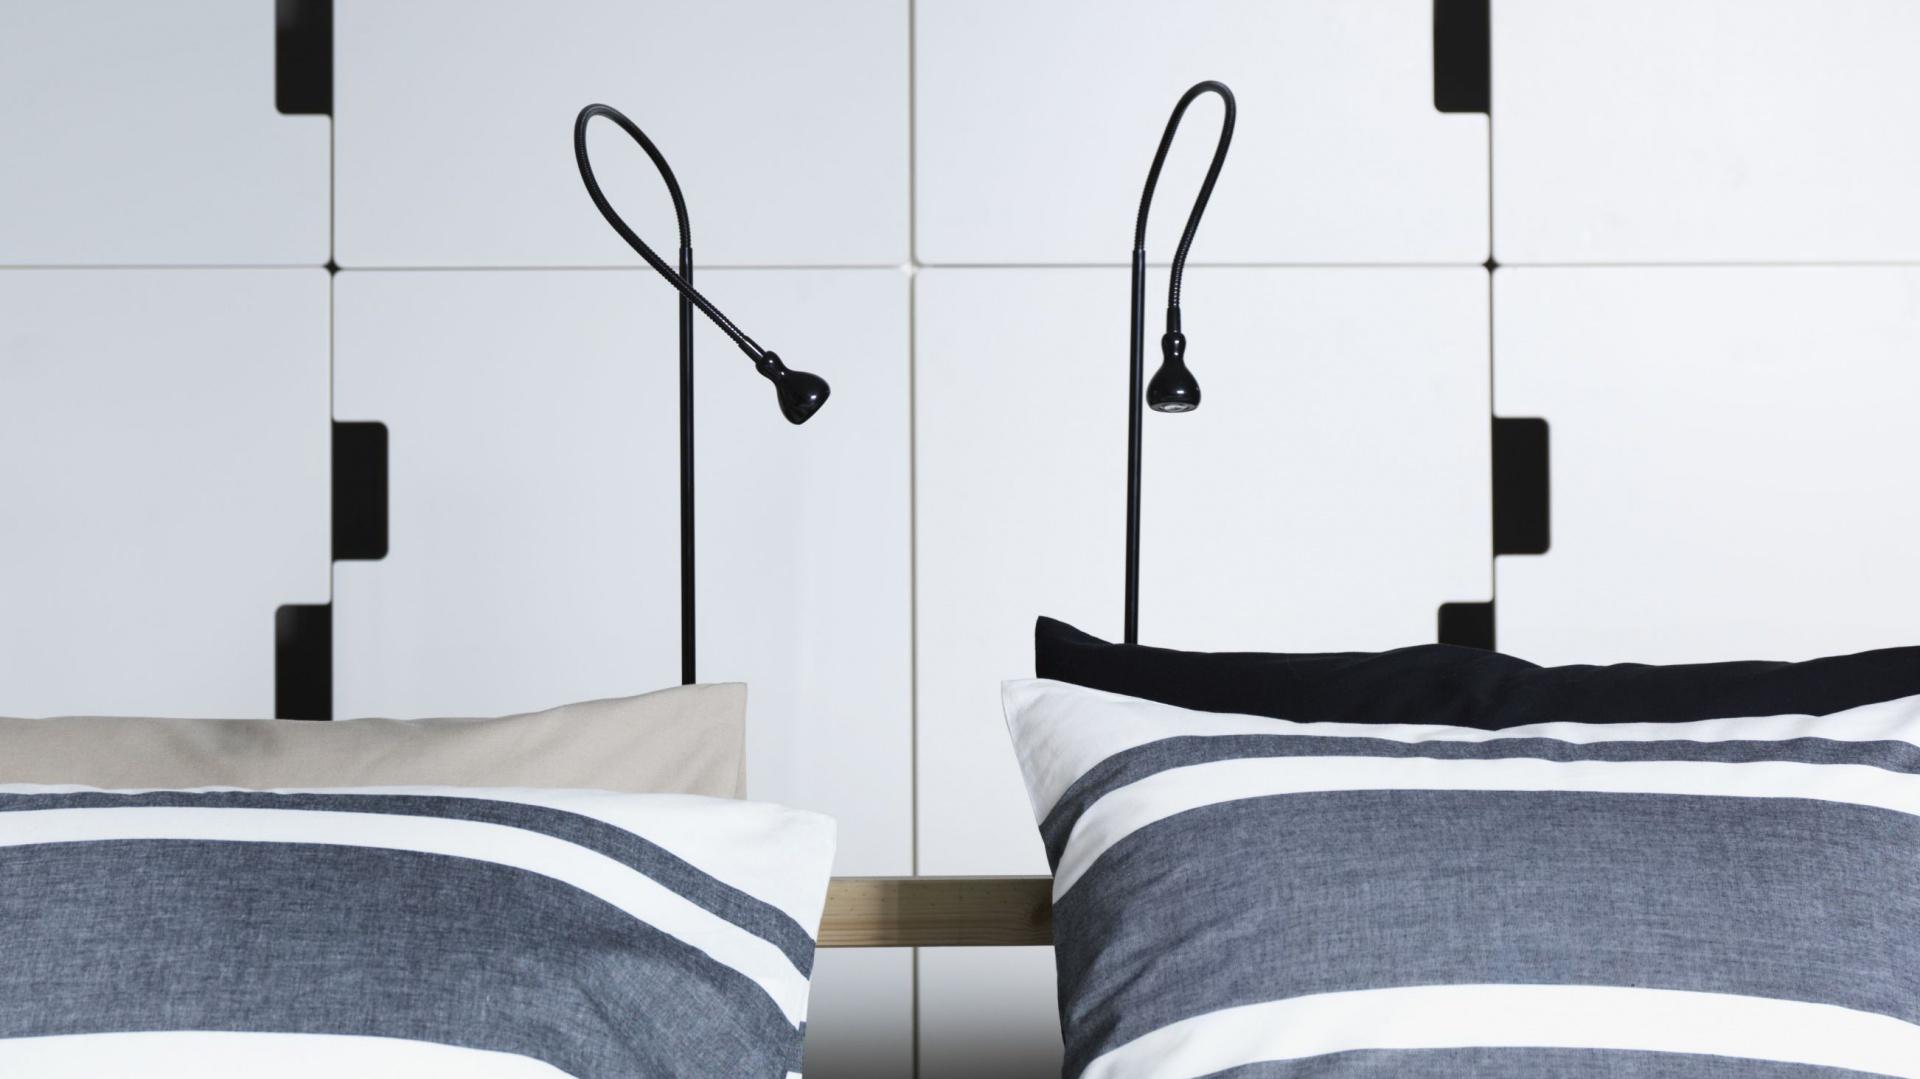 Lampa podłogowa LED Jansjo dostępna w dwóch kolorach: białym i czarnym. Dzięki niewielkim rozmiarom lampka dobrze sprawdzi się także w małych sypialniach. Fot. IKEA.